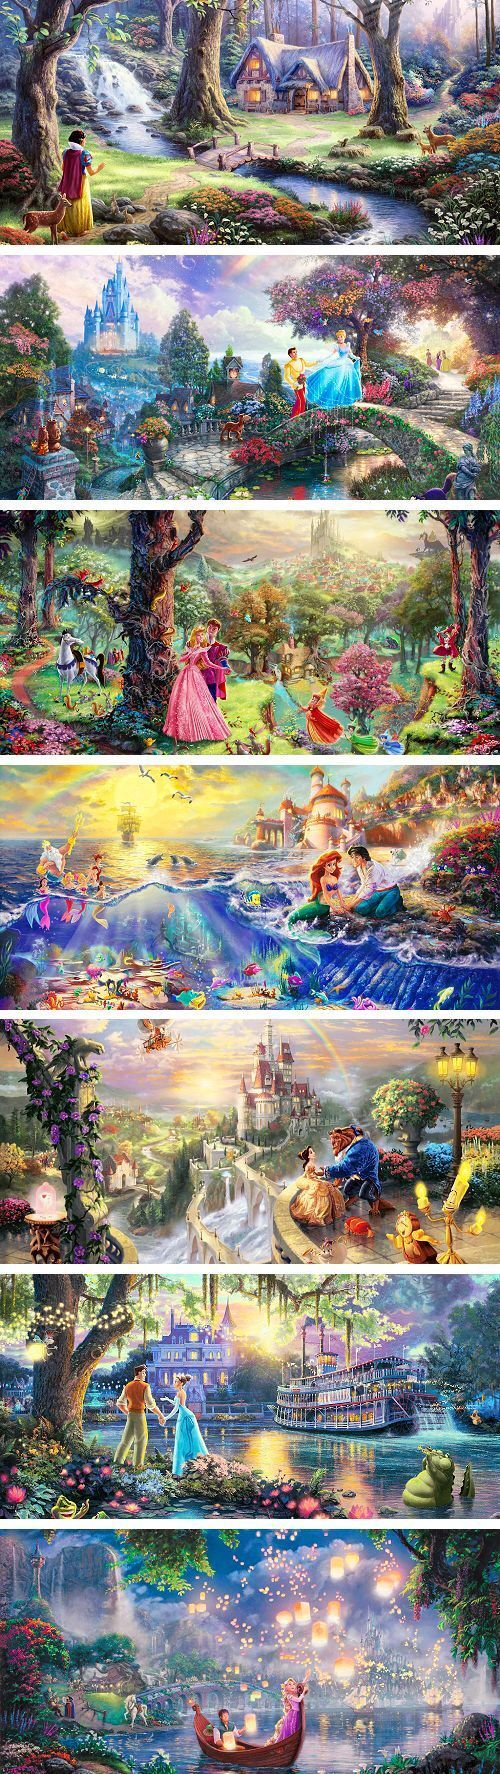 9ba6d7d426f6210c5c684587f165b84e.jpg 500×1,774 pixels